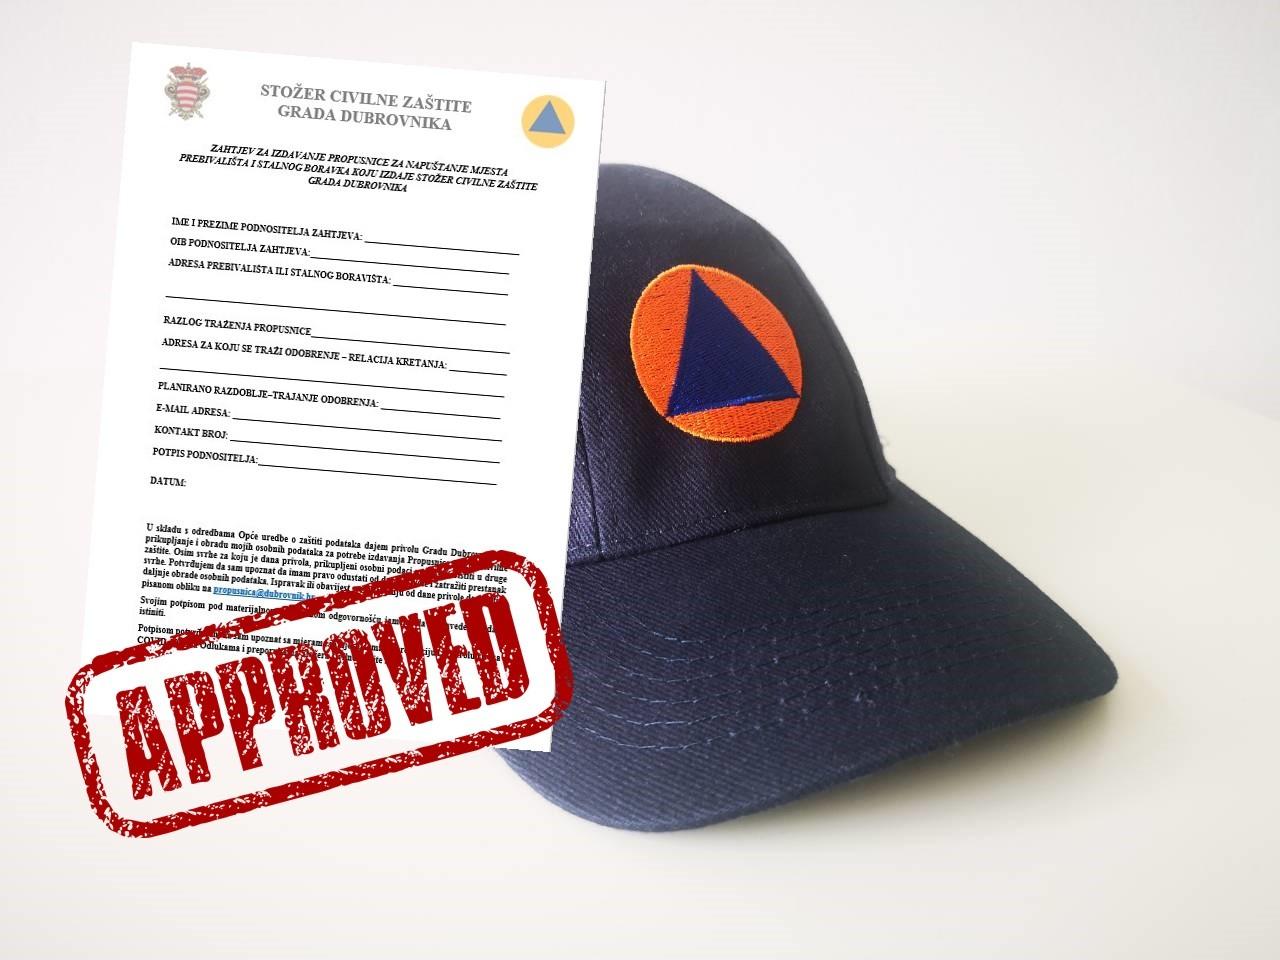 Uspostavljen Novi Protokol Za Izdavanje Propusnica Za Napustanje Mjesta Prebivalista Grad Dubrovnik